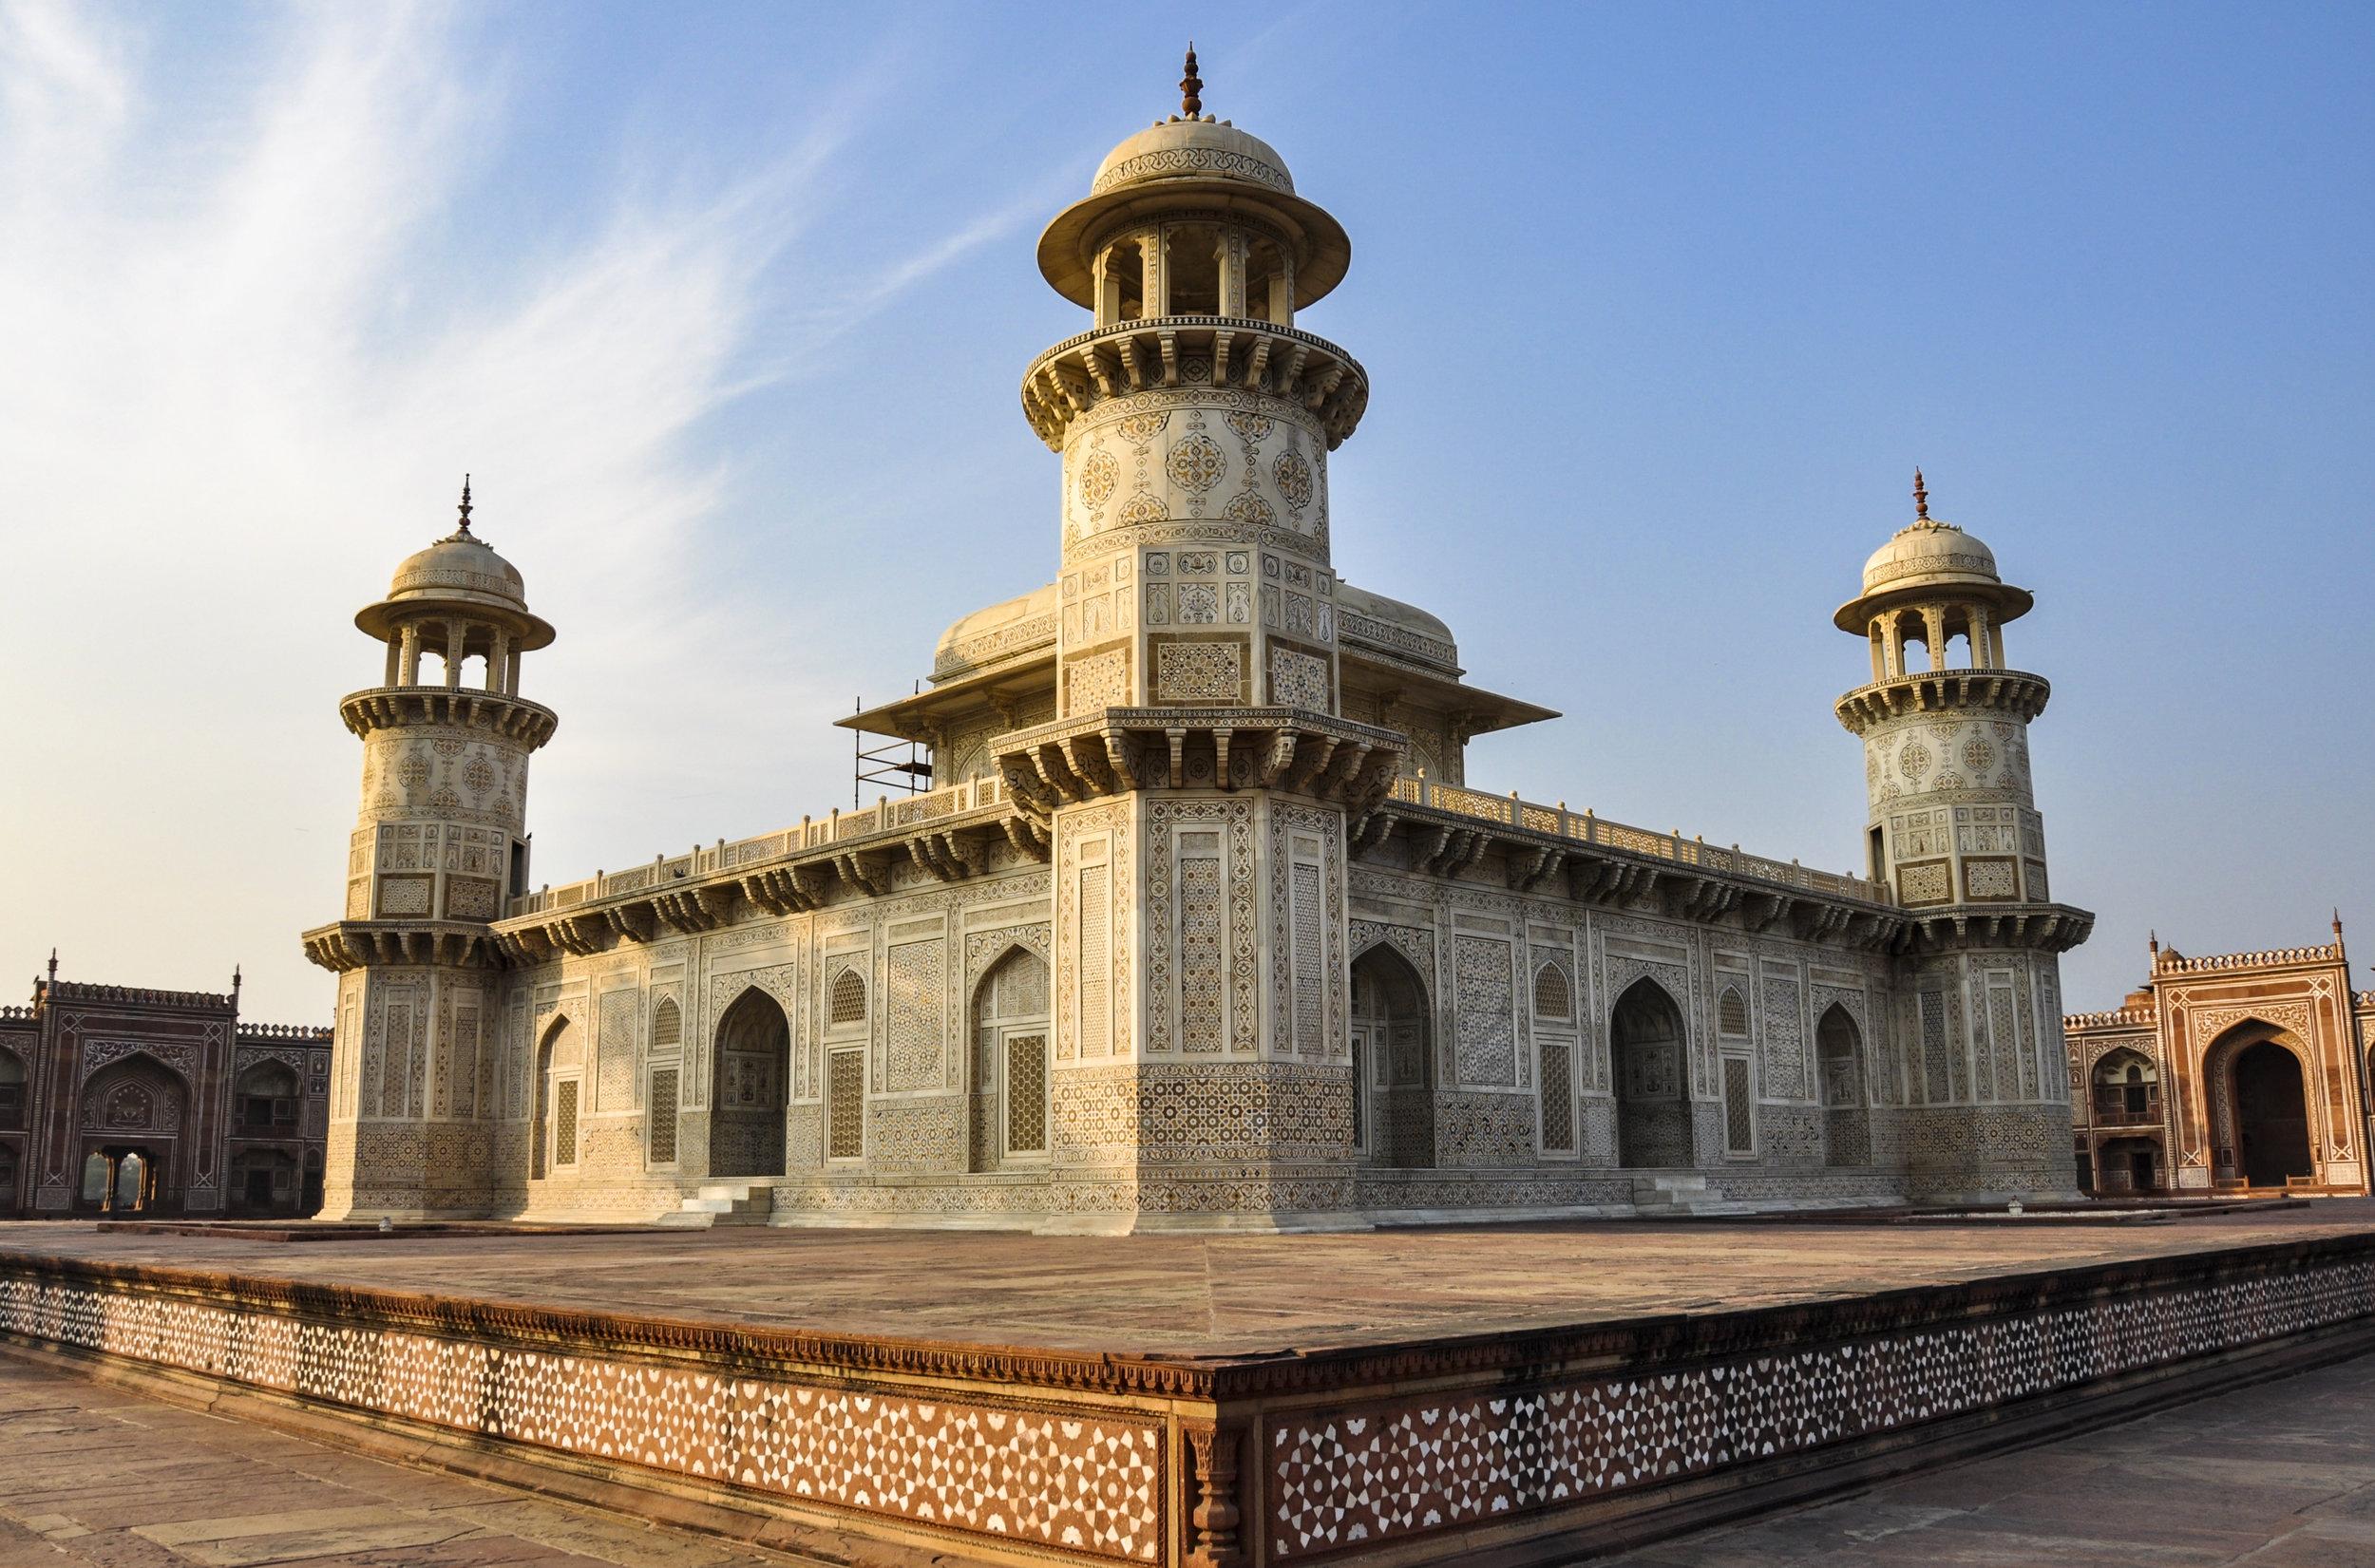 Tomb of I'timad-ud-Daulah